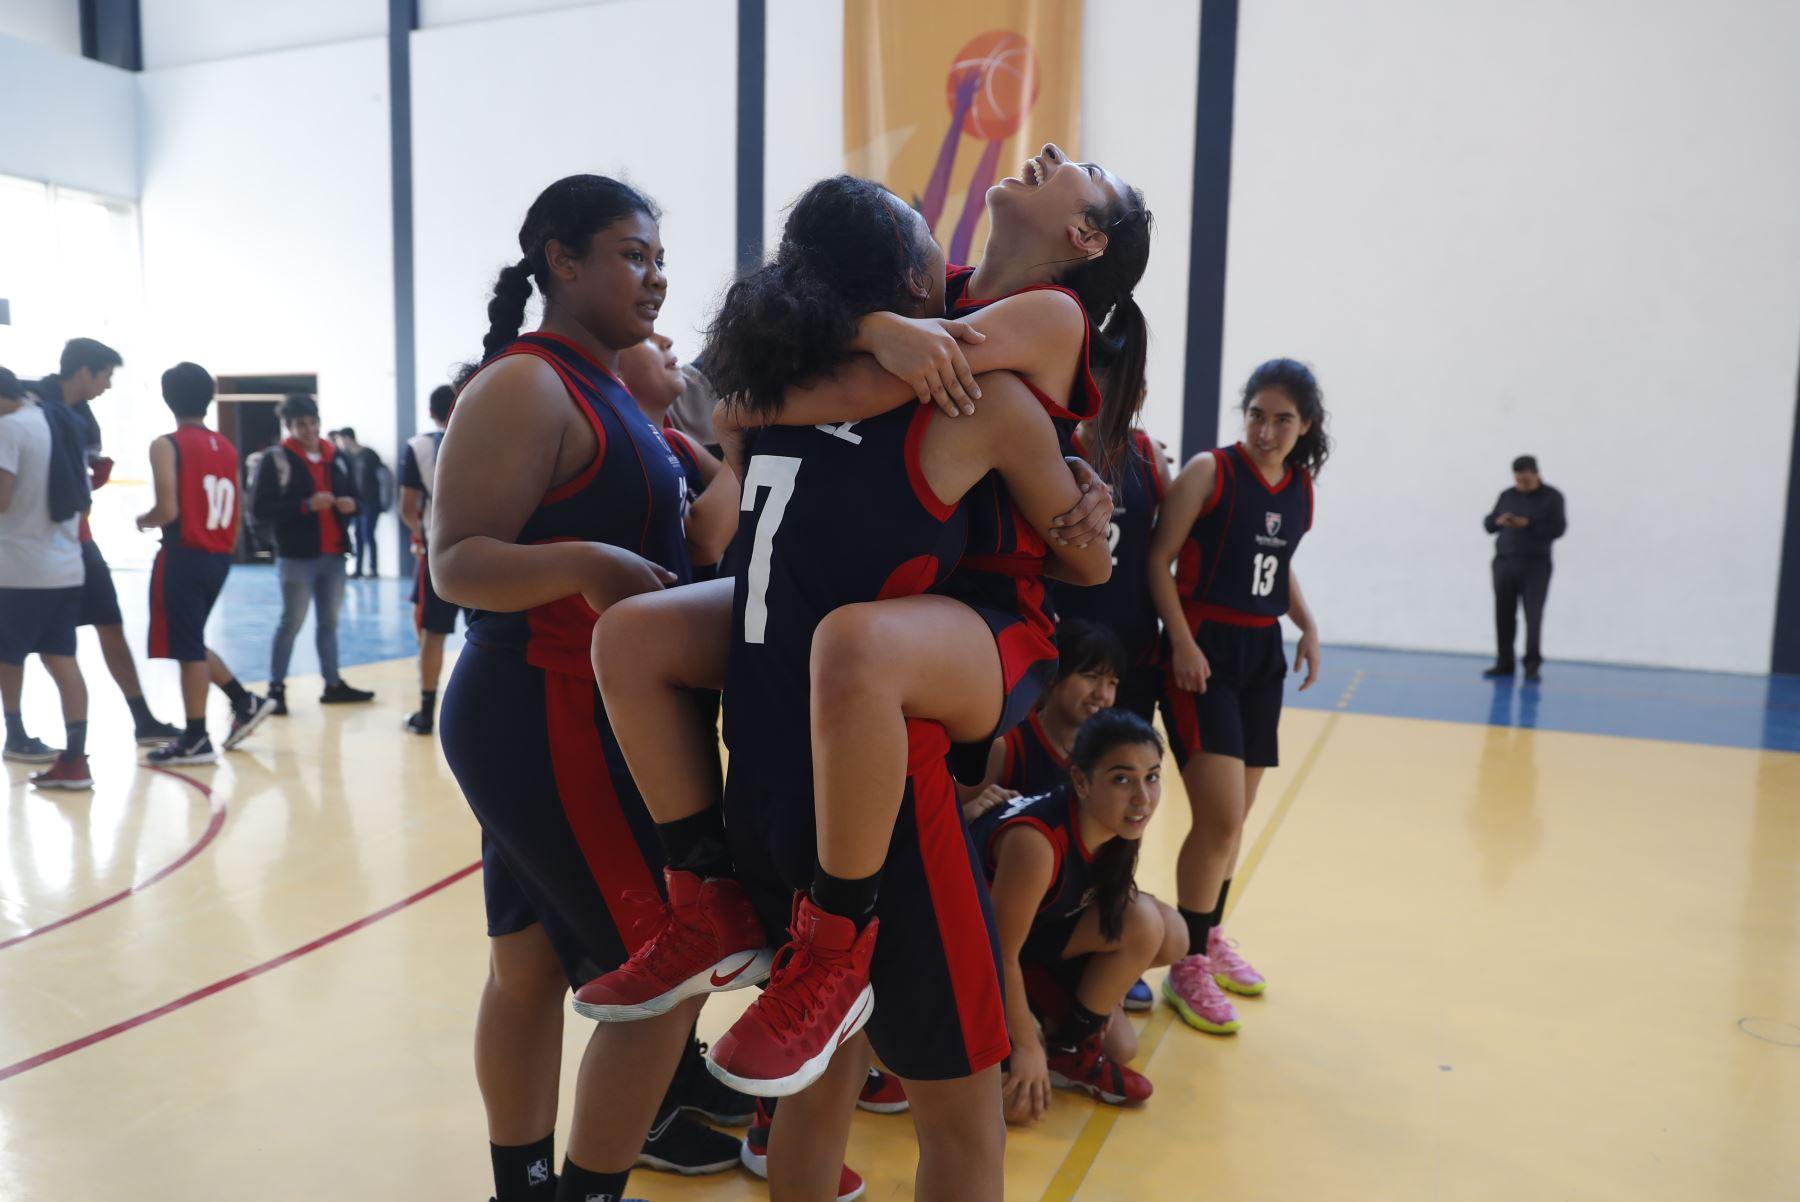 Colegio San José Obrero Maristas de Trujillo celebra victoria tras vencer a Colegio San Pedro Pascual de Arequipa en final de los Juegos Deportivos Escolares Nacionales 2019. Foto: ANDINA/Renato Pajuelo